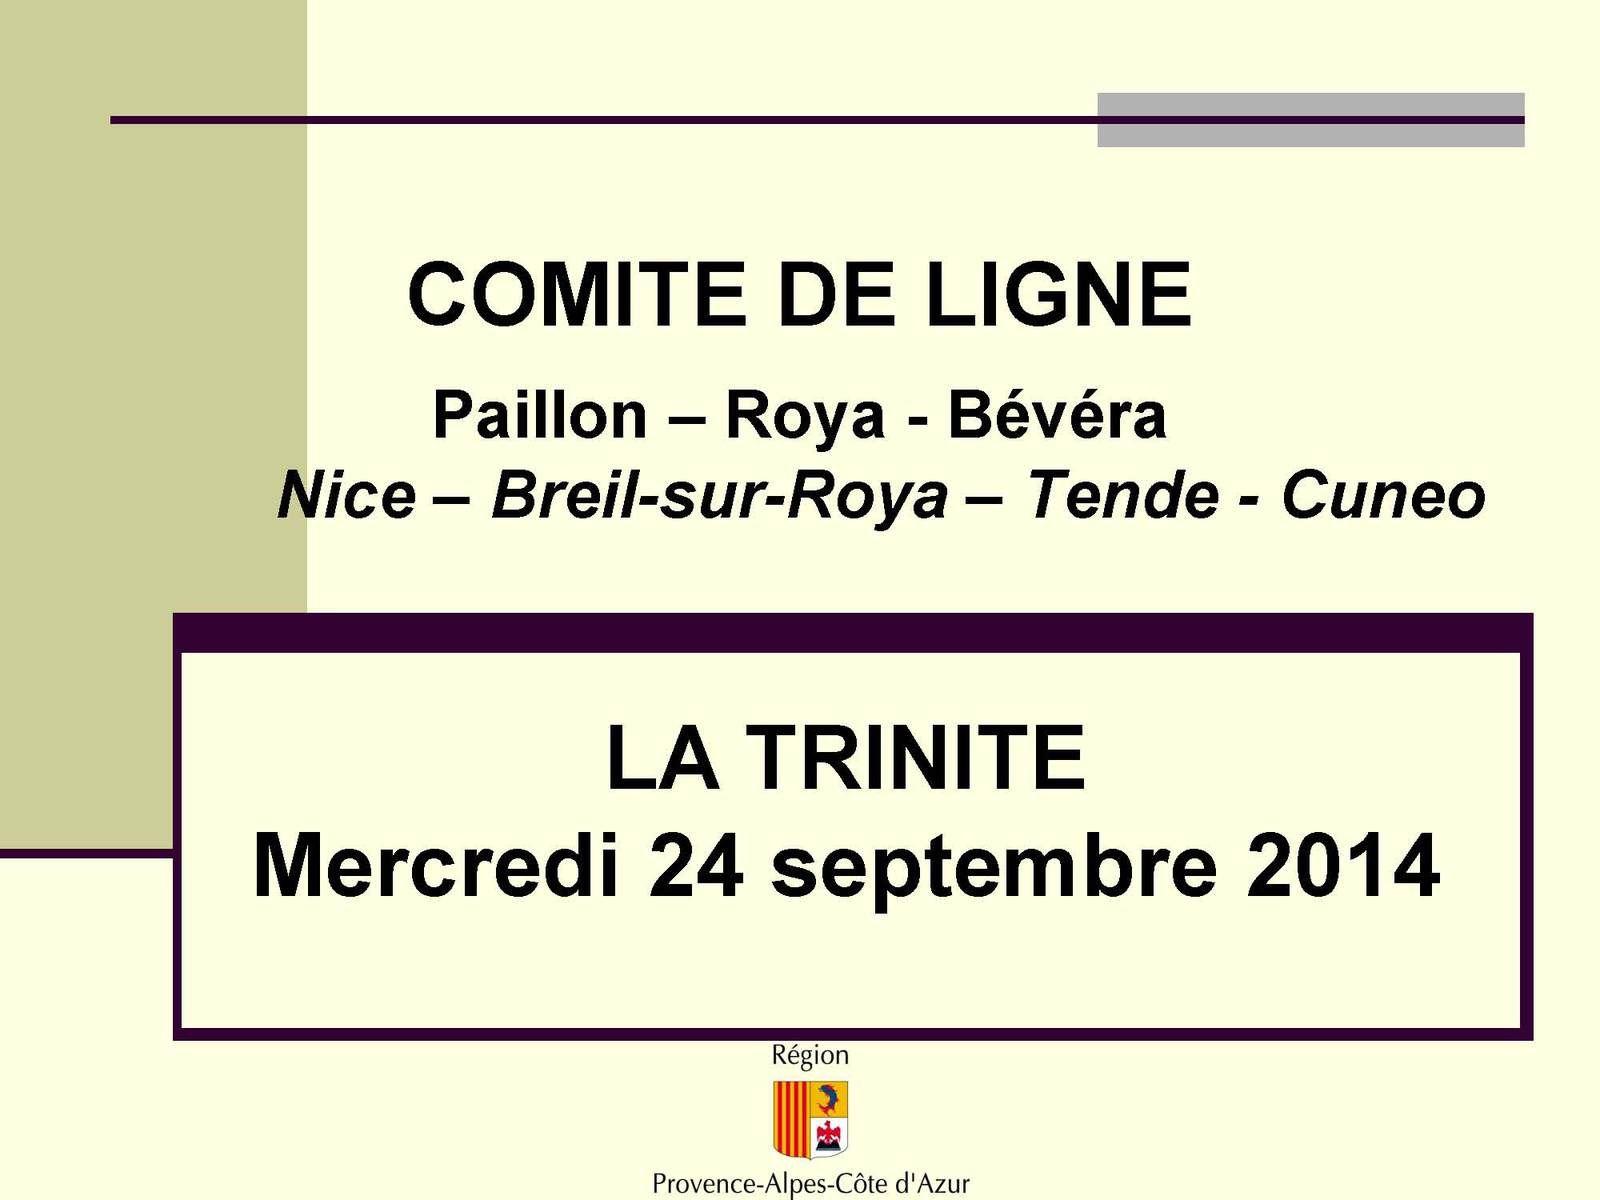 Comité de ligne Paillon-Roya-Bévéra